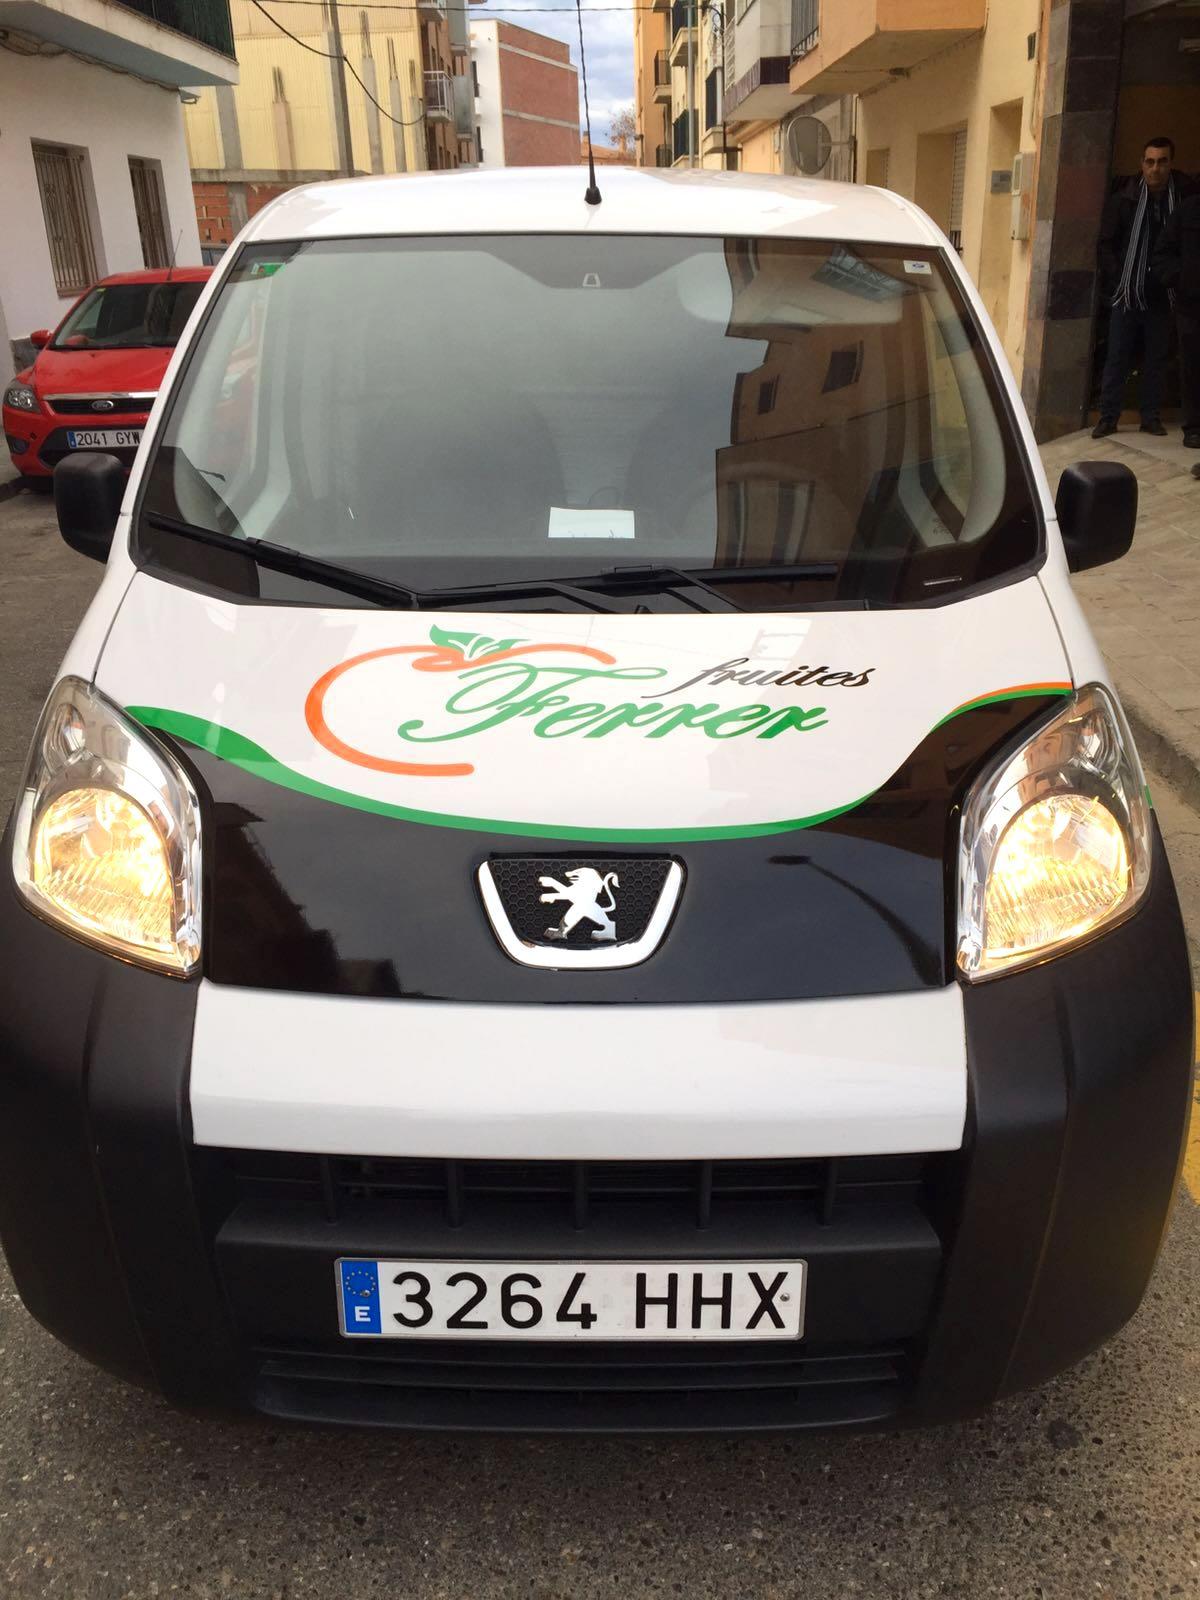 FRUITESFERRER - Retolació vehicles